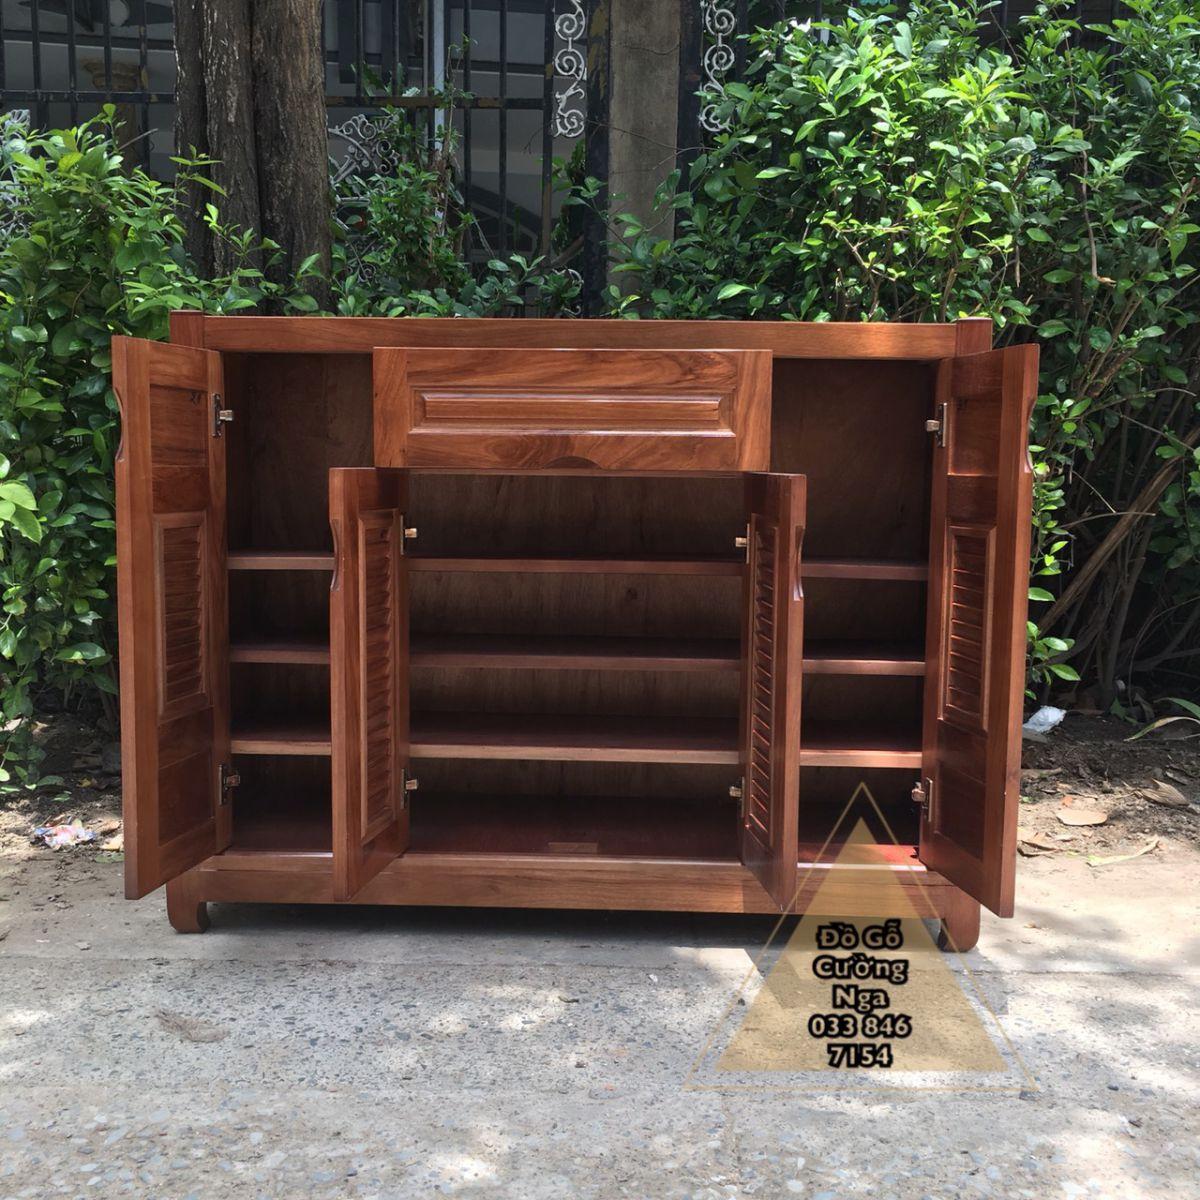 Tủ giày dép gỗ hương xám 4 cánh 1m2